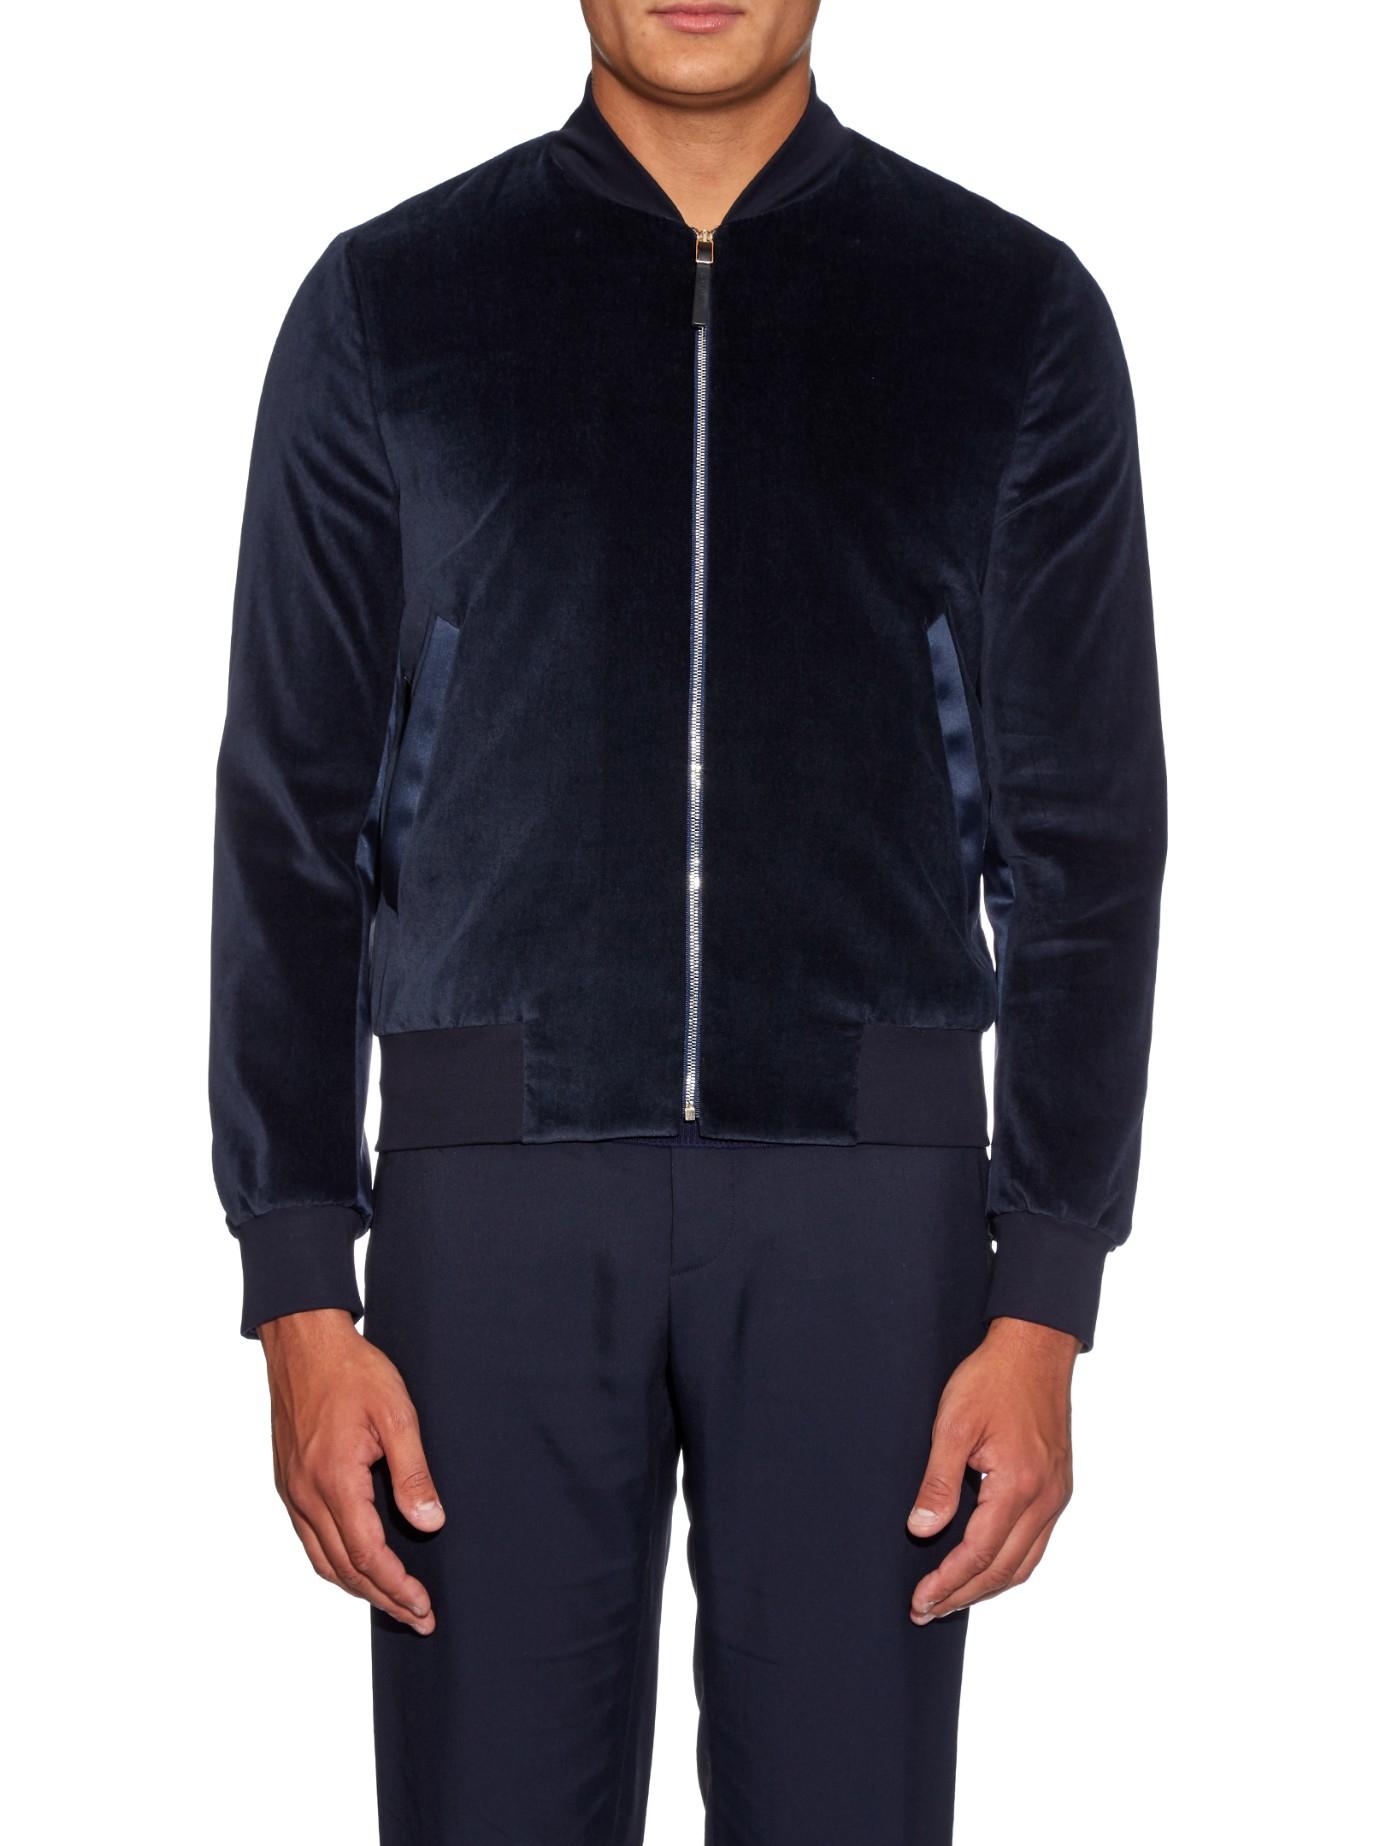 Paul Smith Velvet Bomber Jacket In Navy Blue For Men Lyst